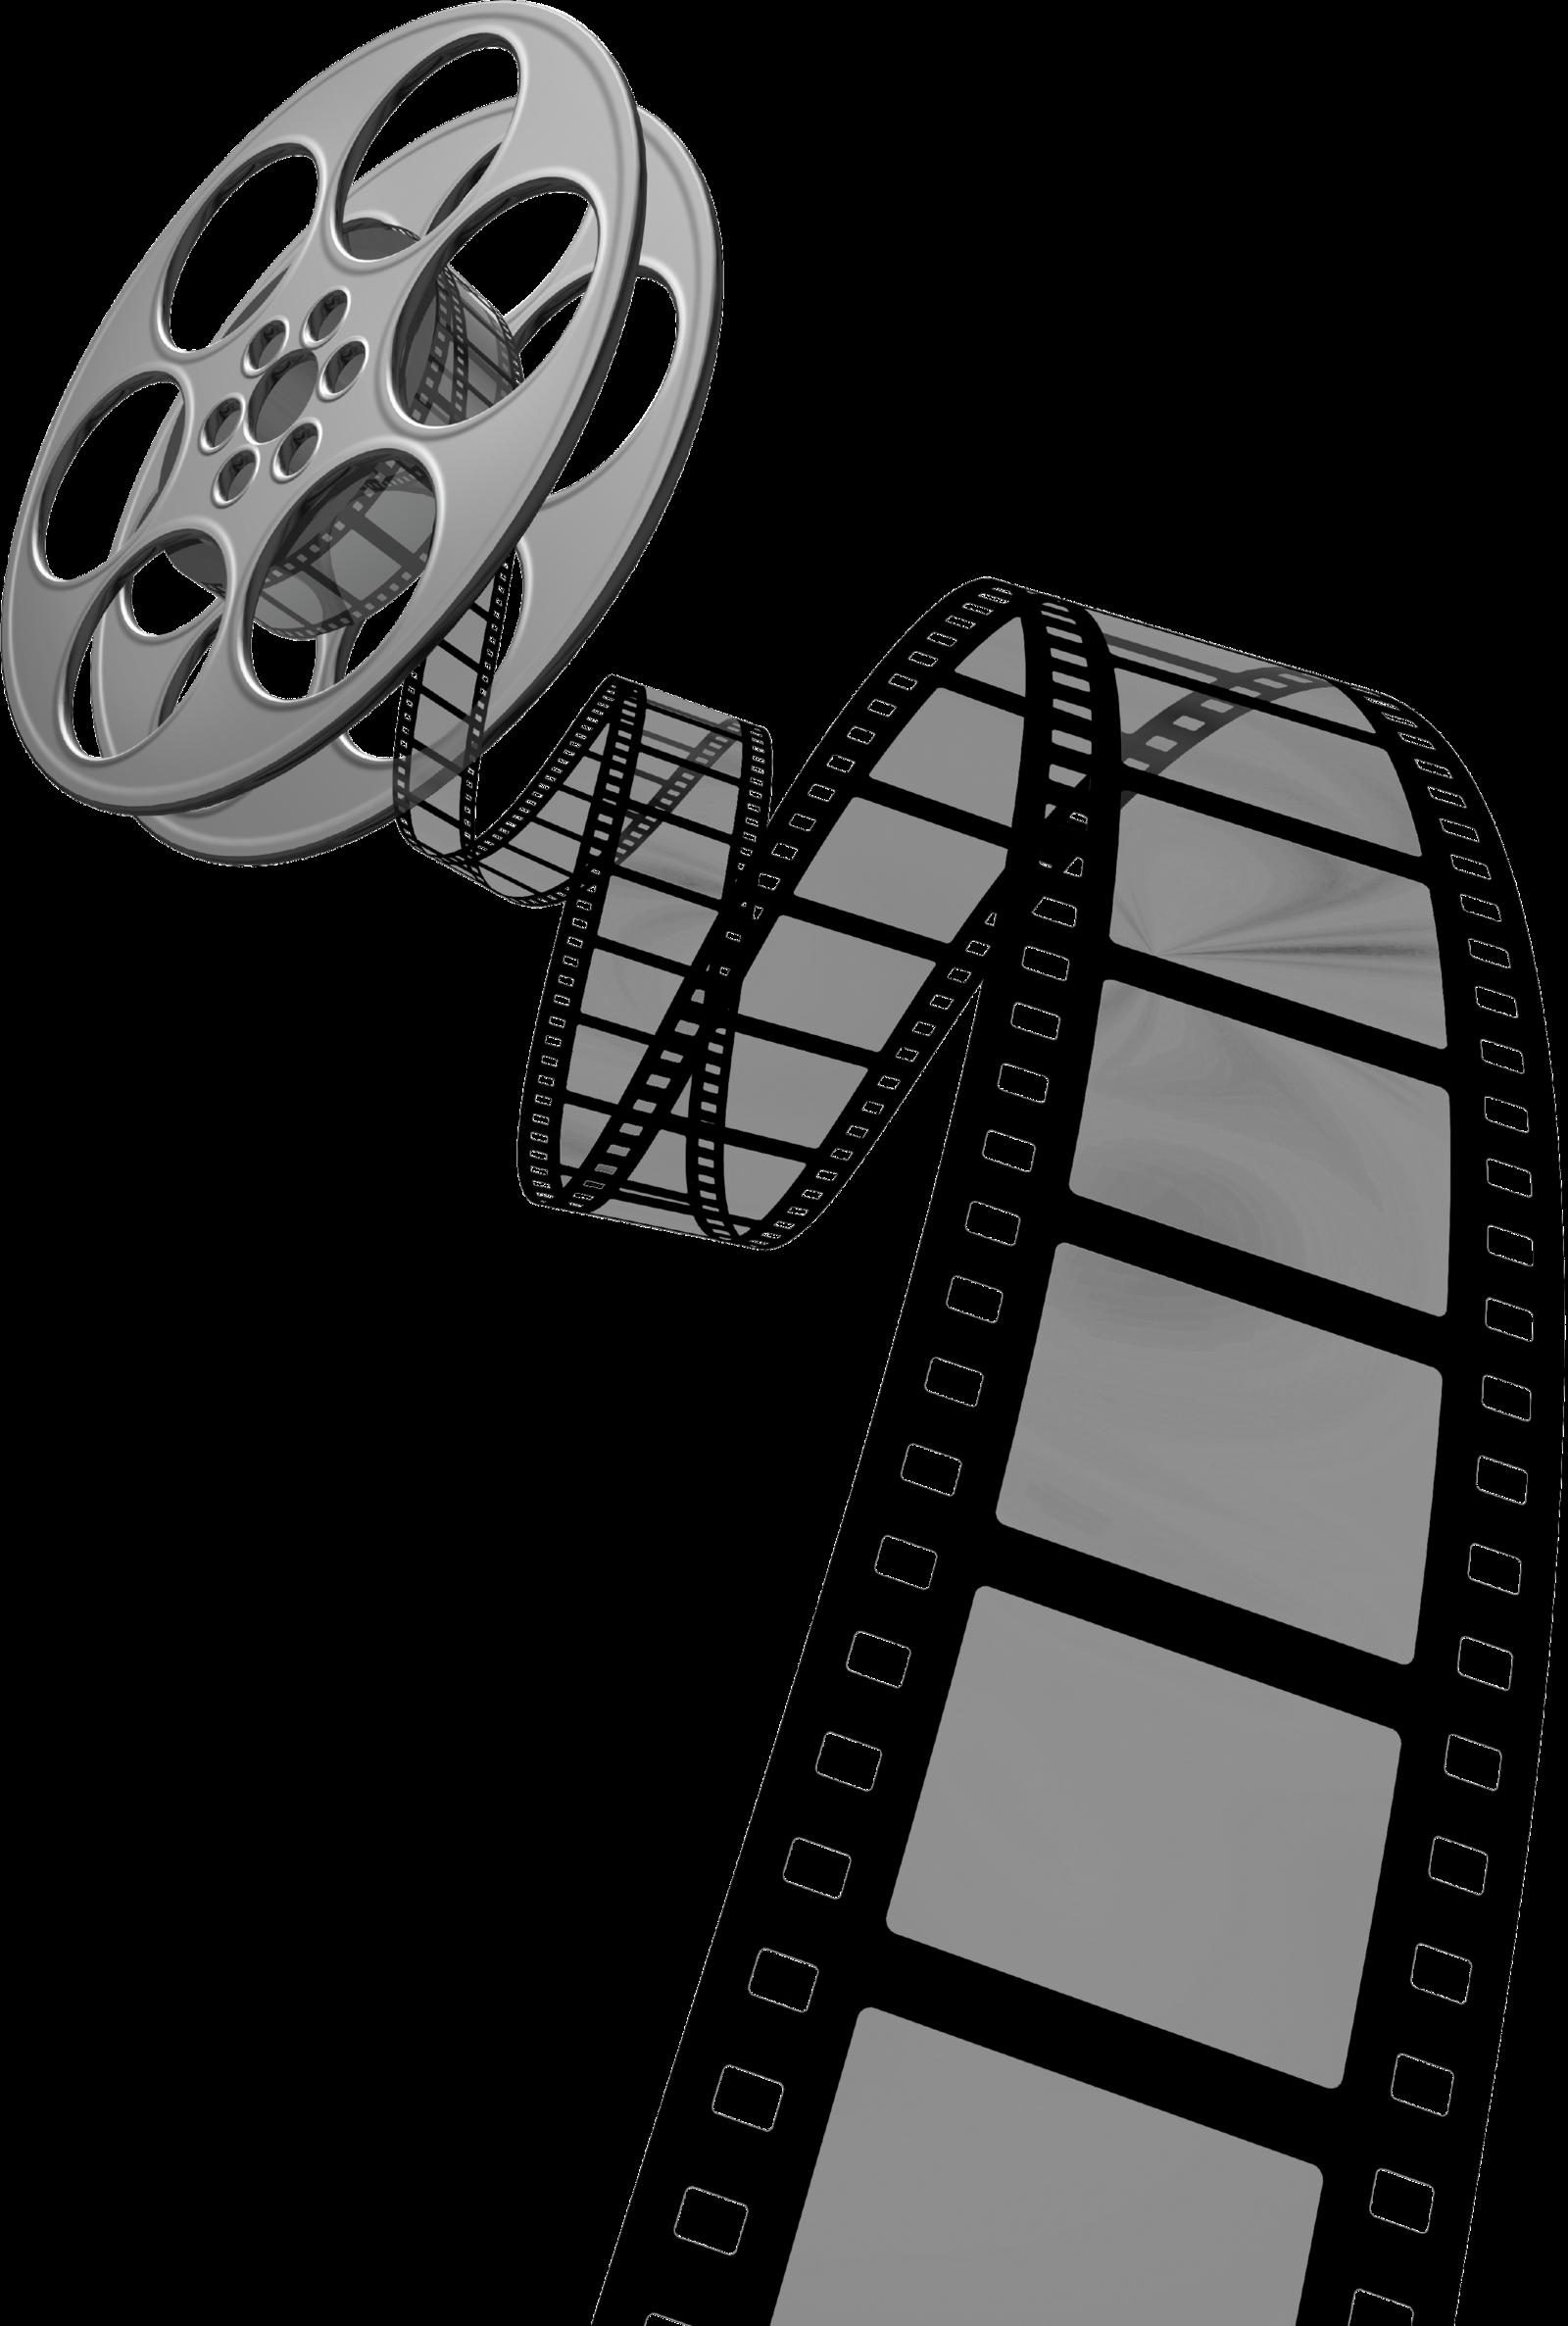 Movie reel film reel clip art - Movie Reel Clipart